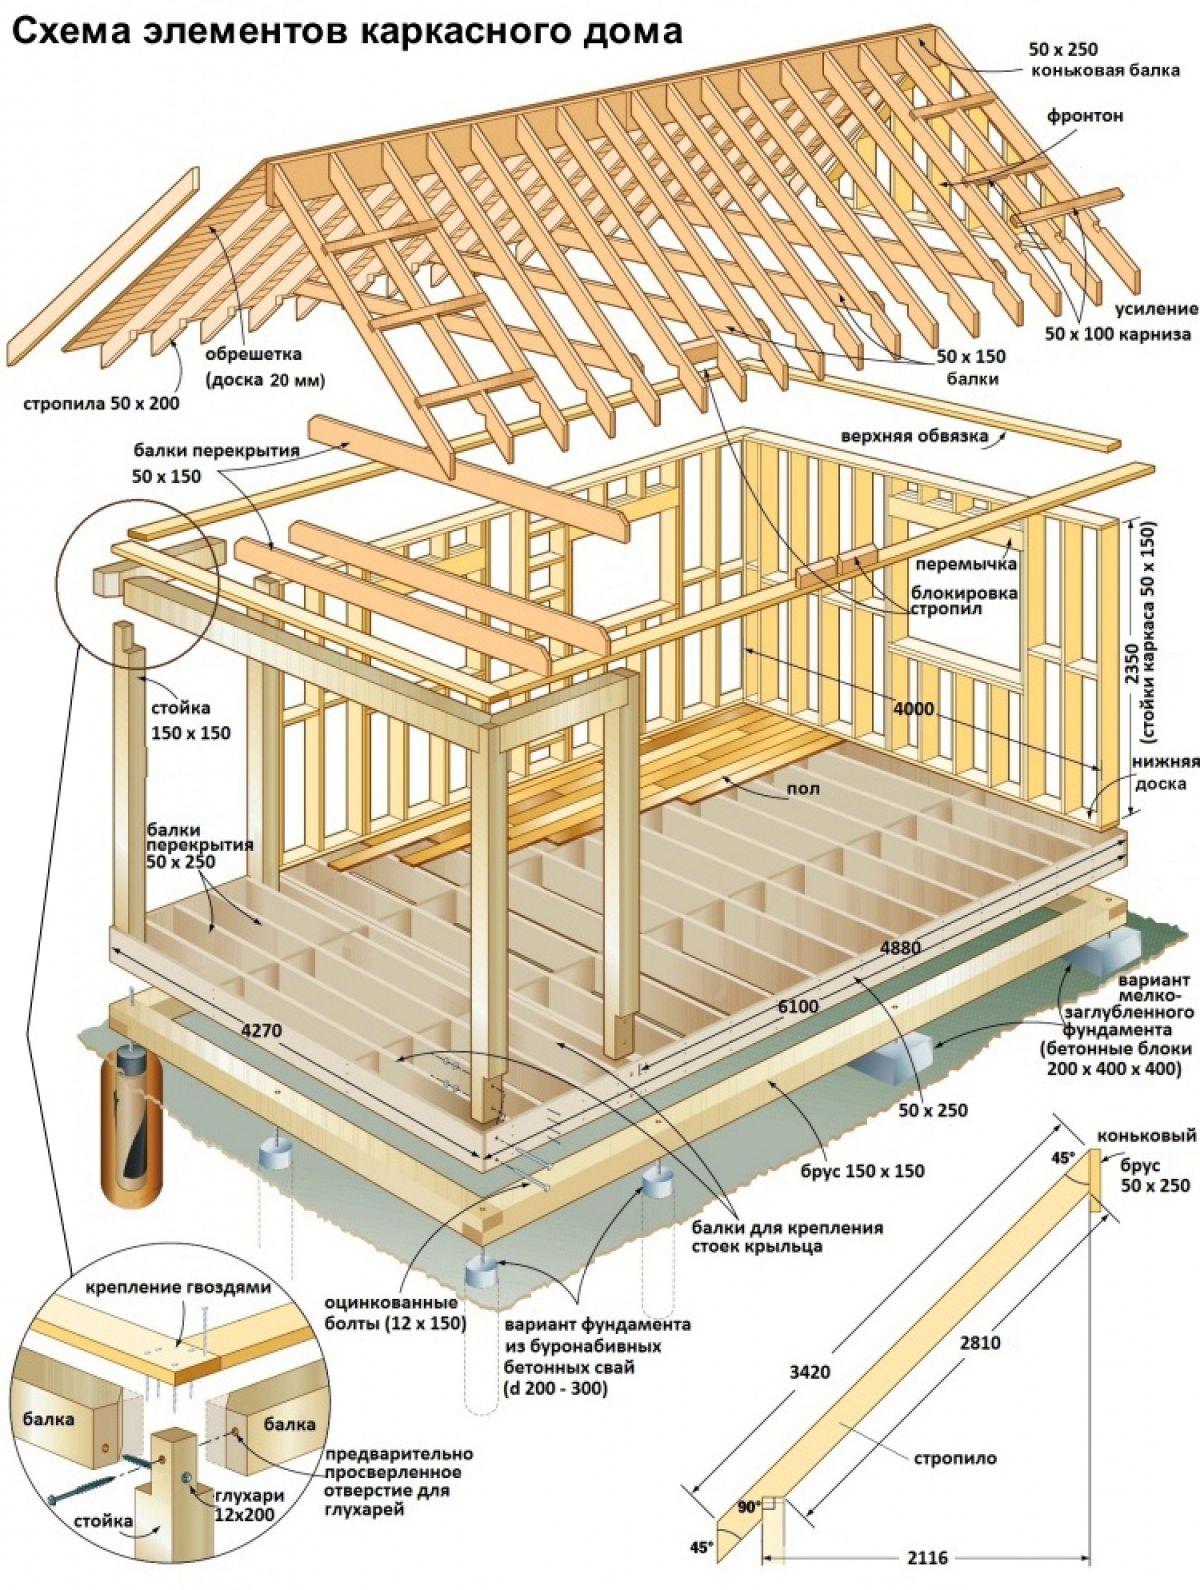 Каркасный дом своими руками. Каркасные конструкции 5668